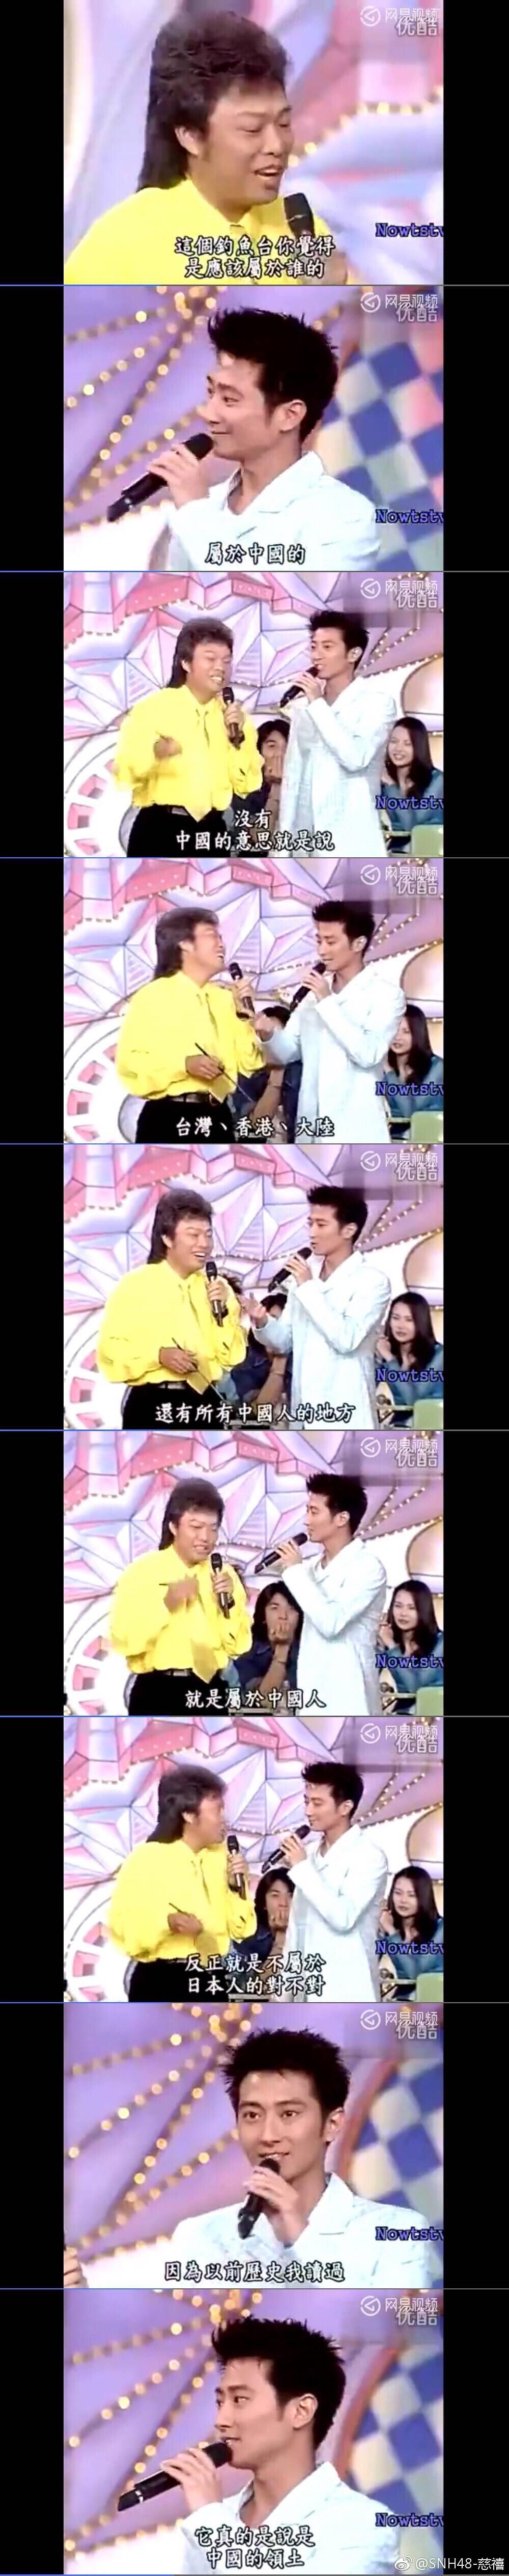 孙耀威给老婆转账5201314秀恩爱,过气明星也这么有钱吗?